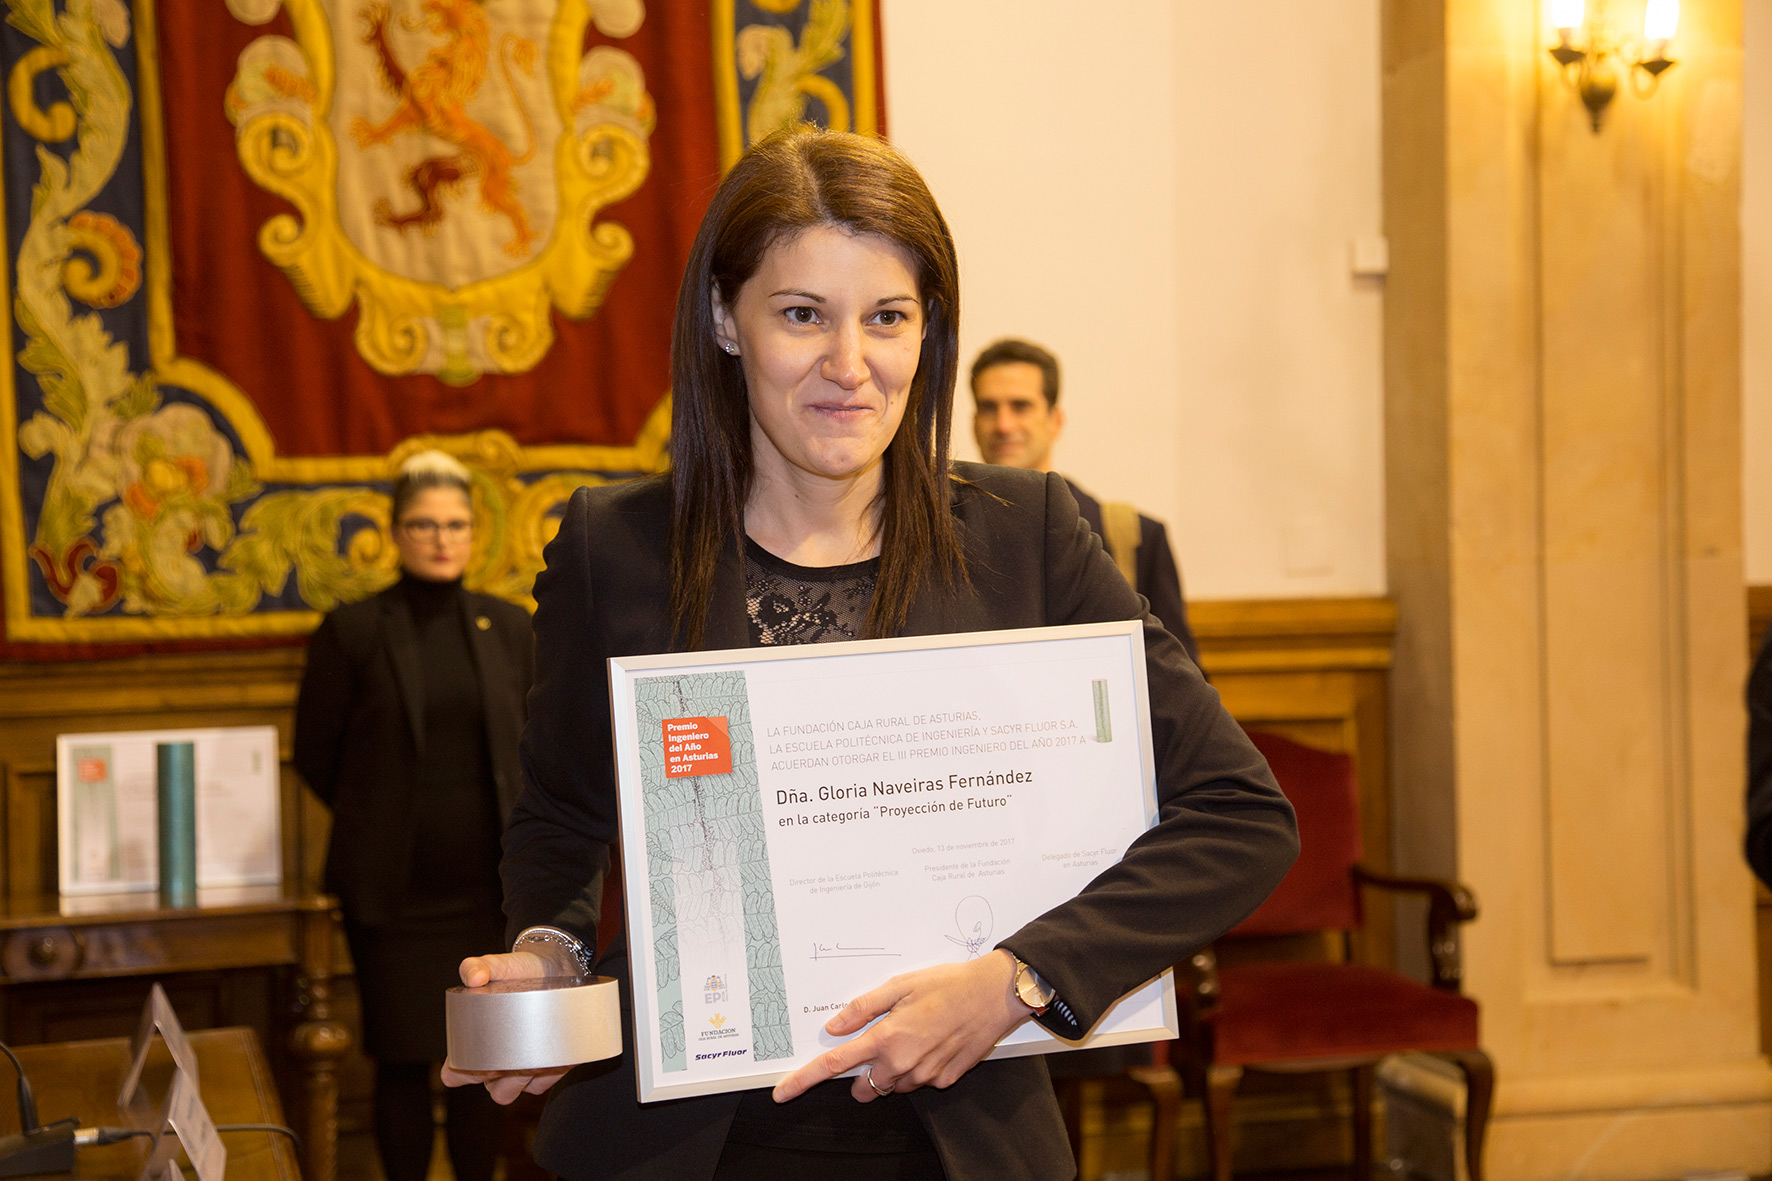 Gloria-Naveiras-Premio-Ingeniero-Año-Asturias-2017